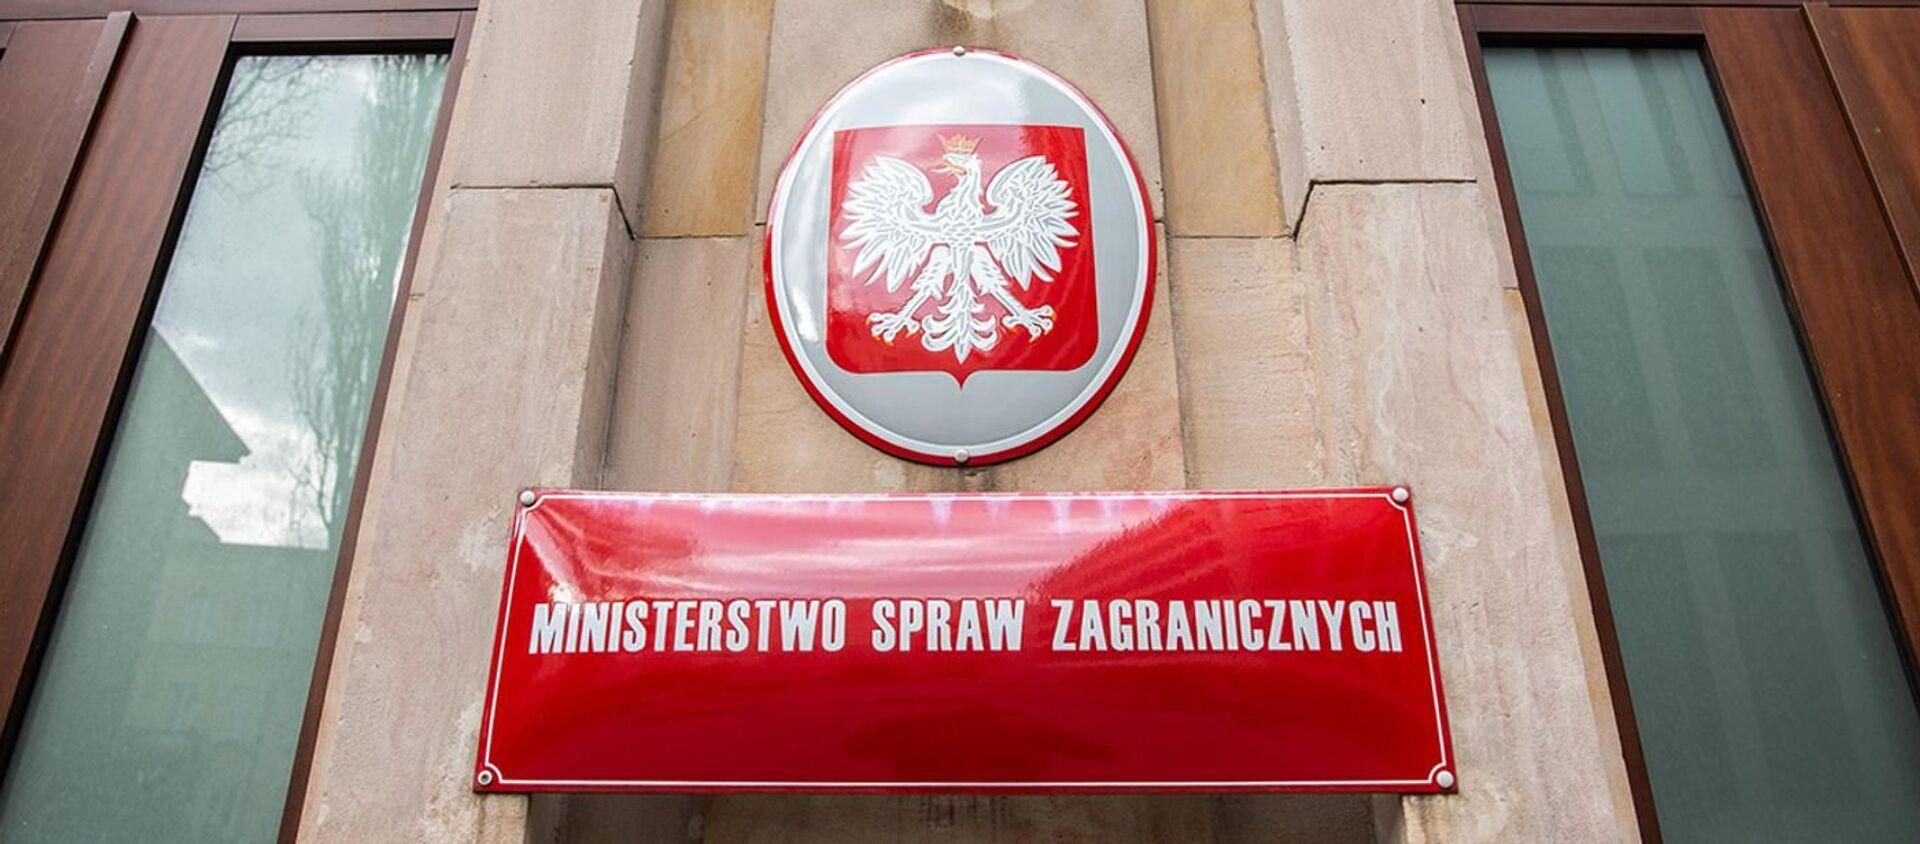 МЗС Польшчы - Sputnik Беларусь, 1920, 24.03.2021